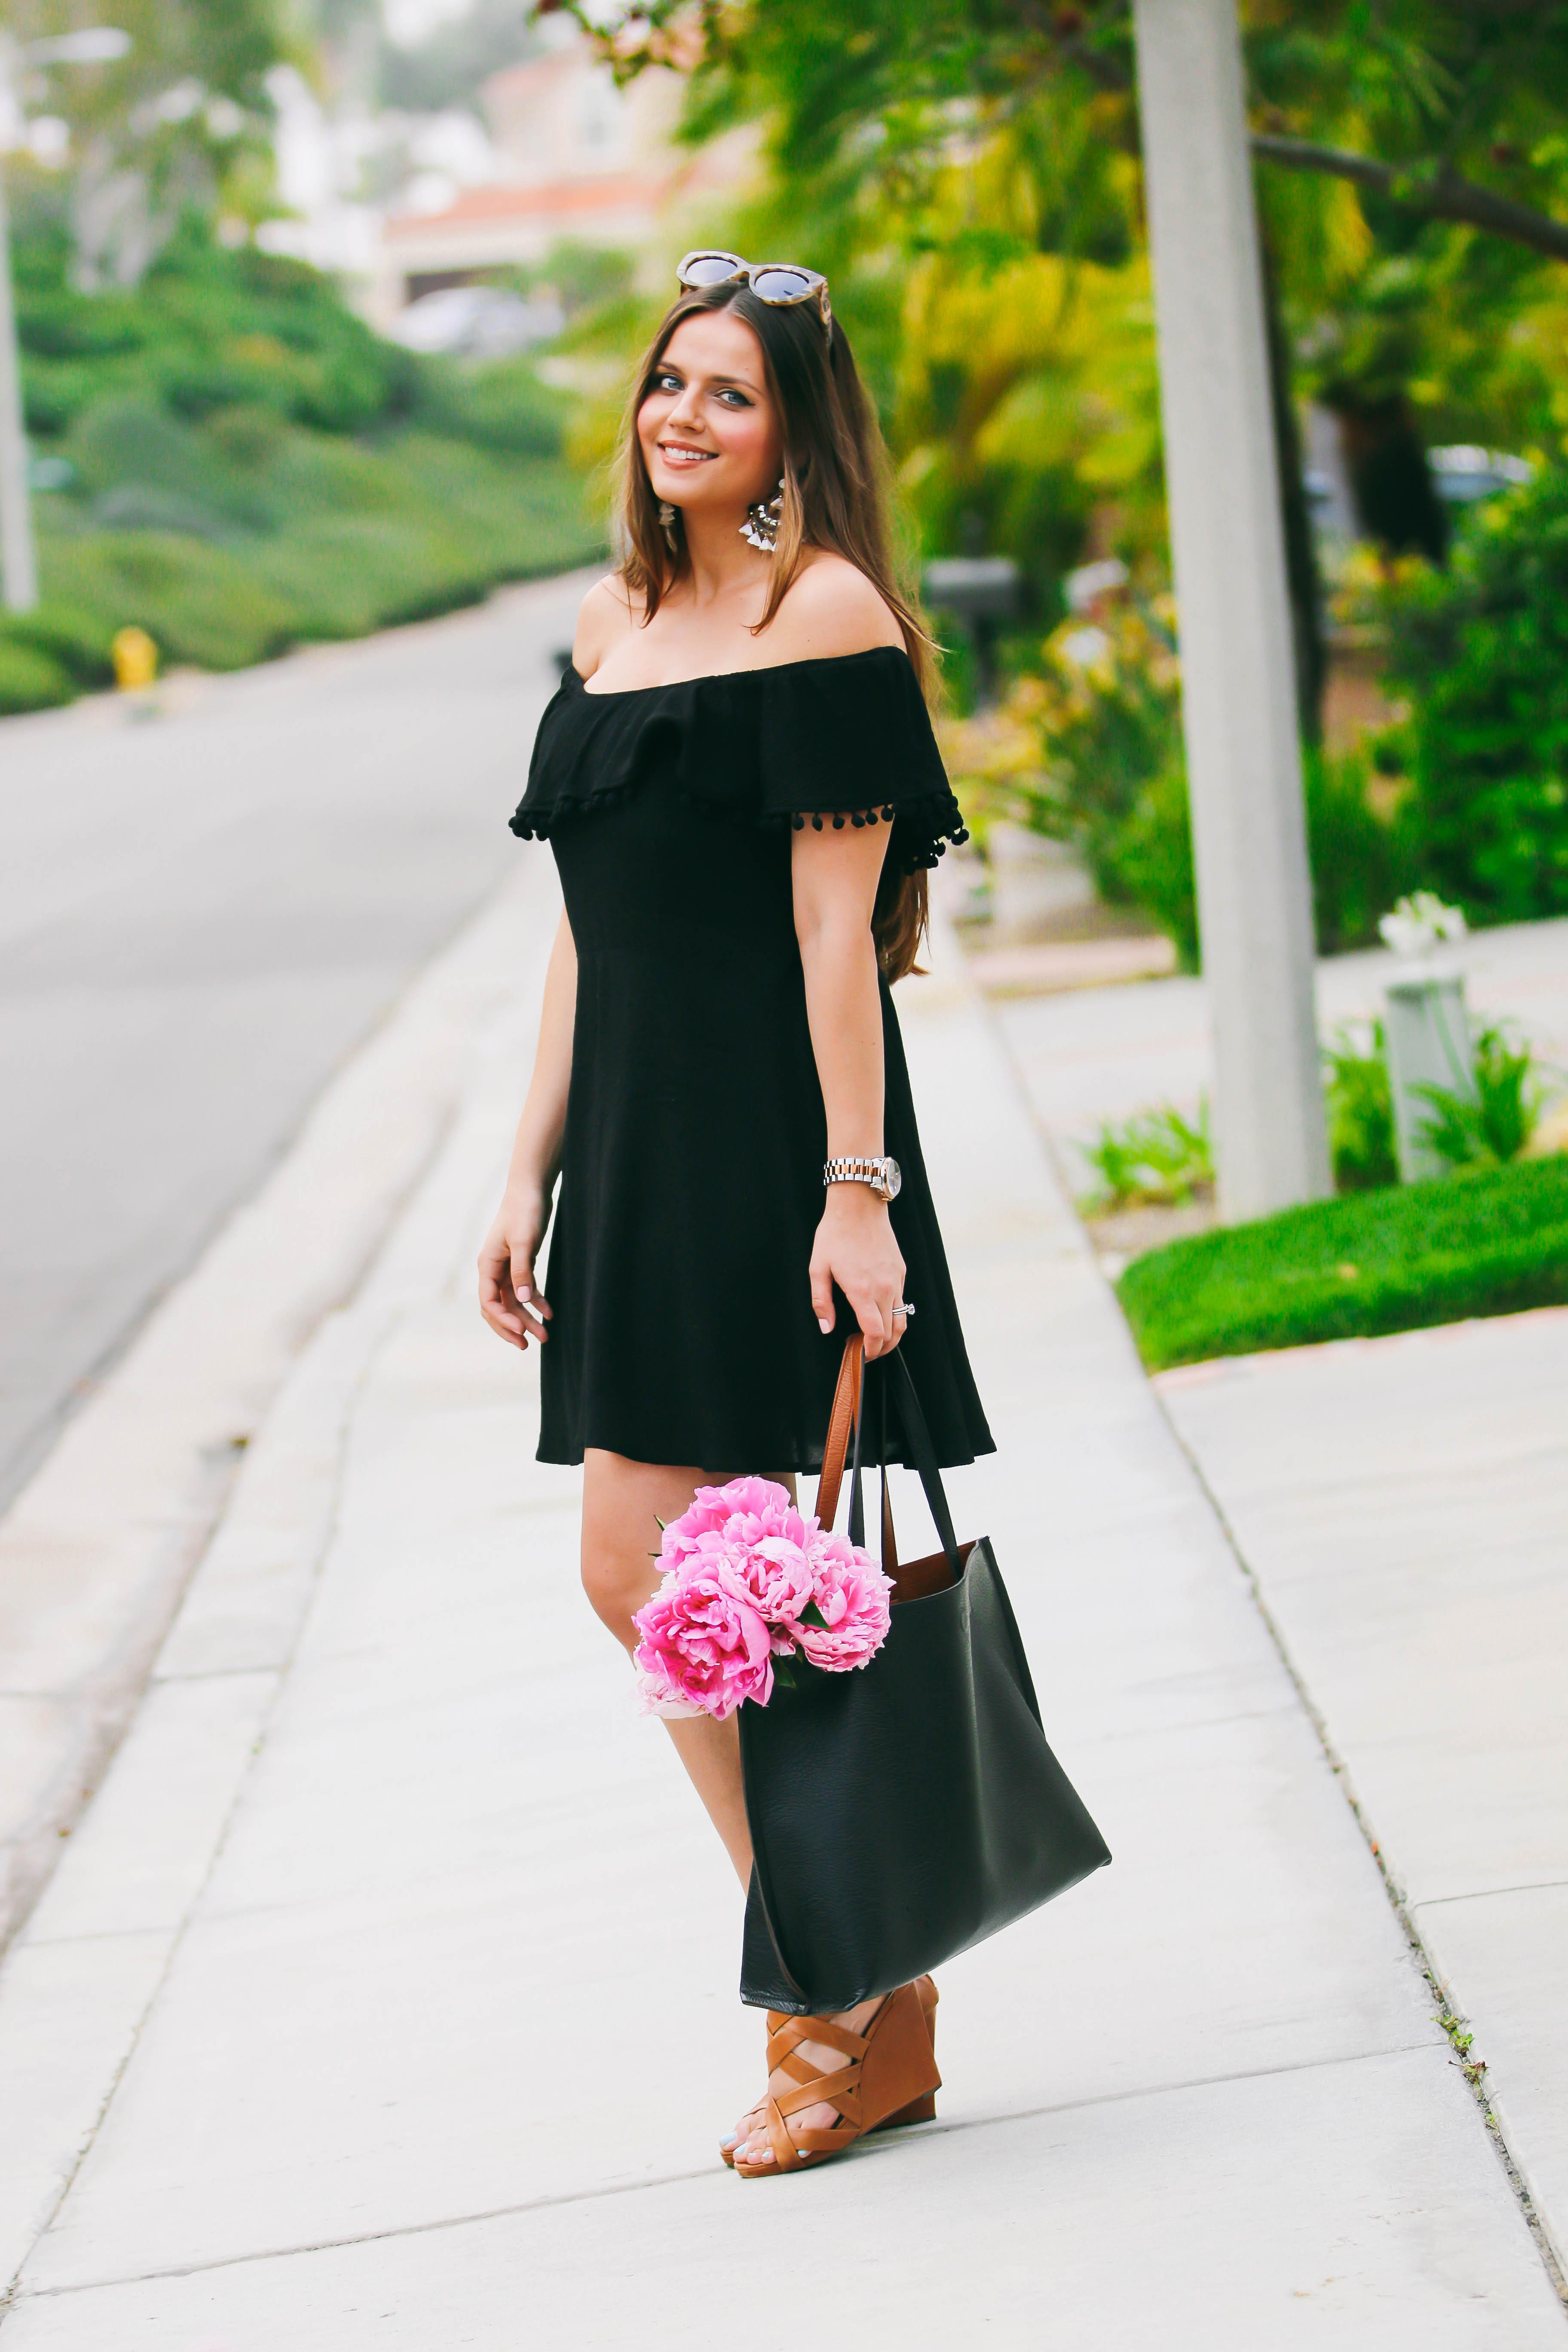 Ootd Black Pom Pom Dress Amp Statement Earrings